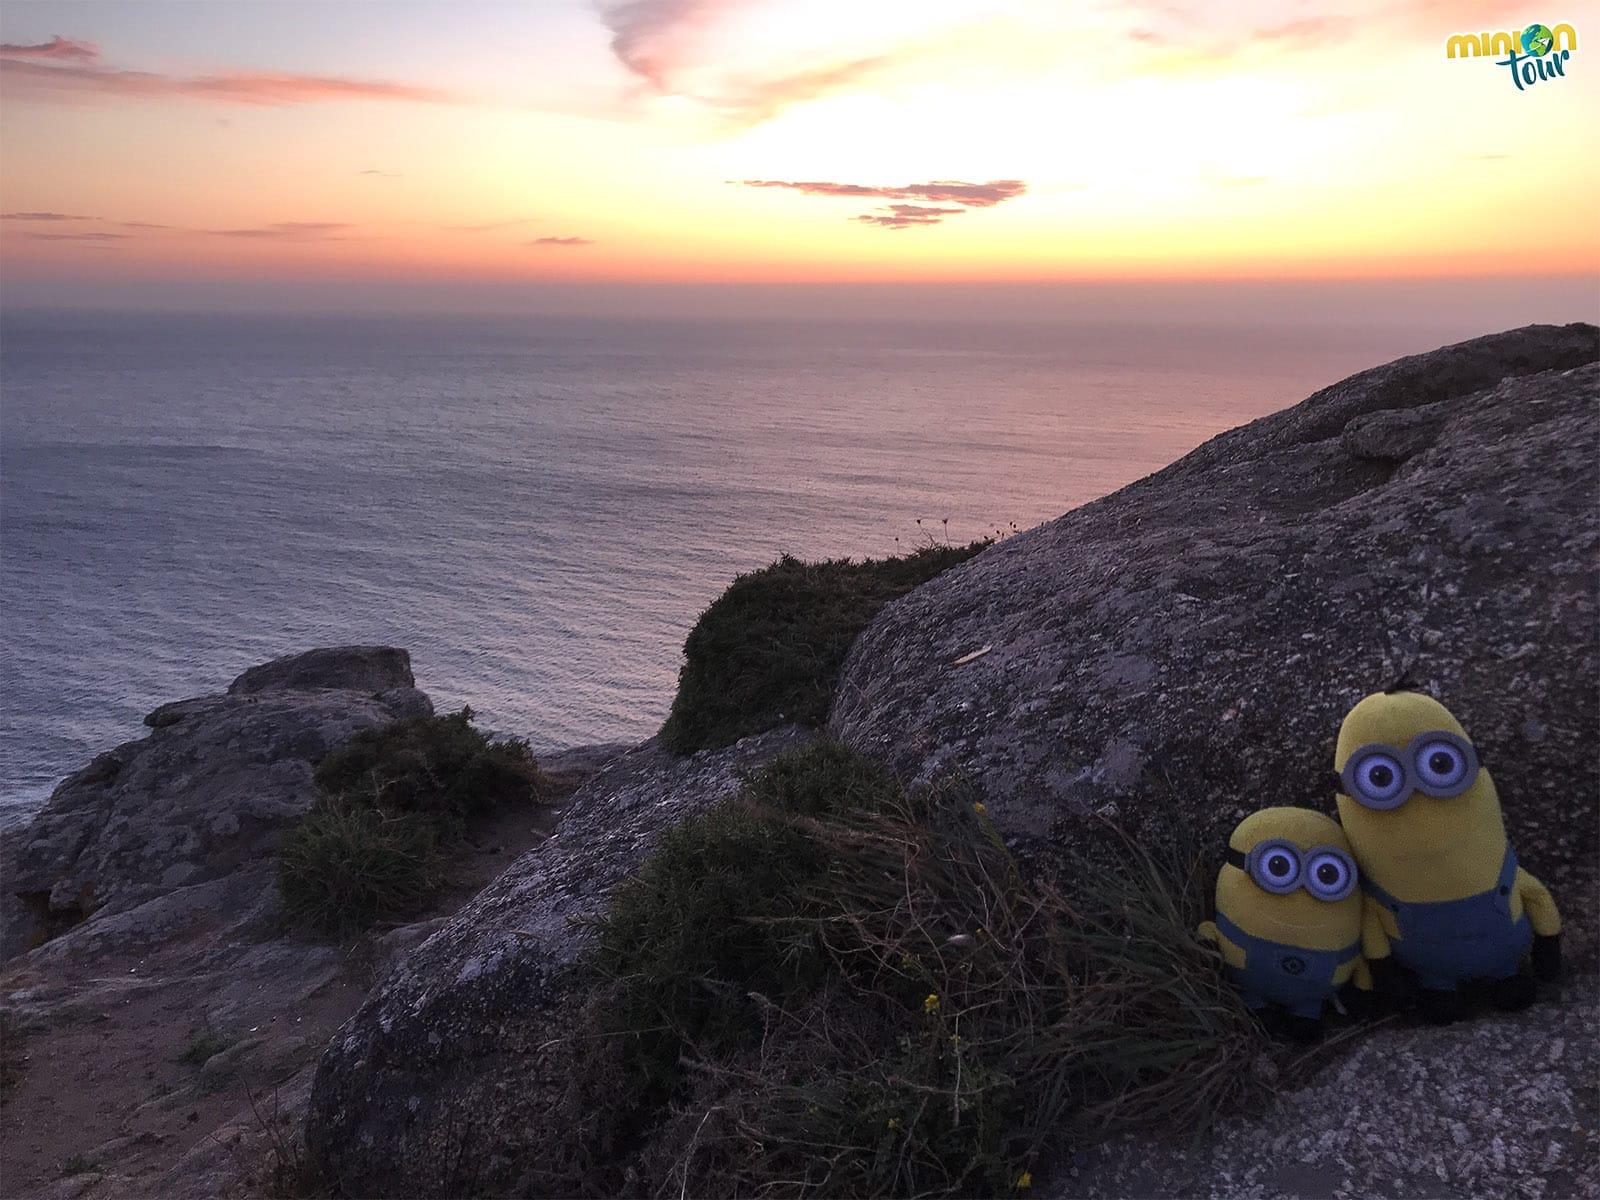 Las 8 cosas que tienes que ver en una ruta por la Costa da Morte